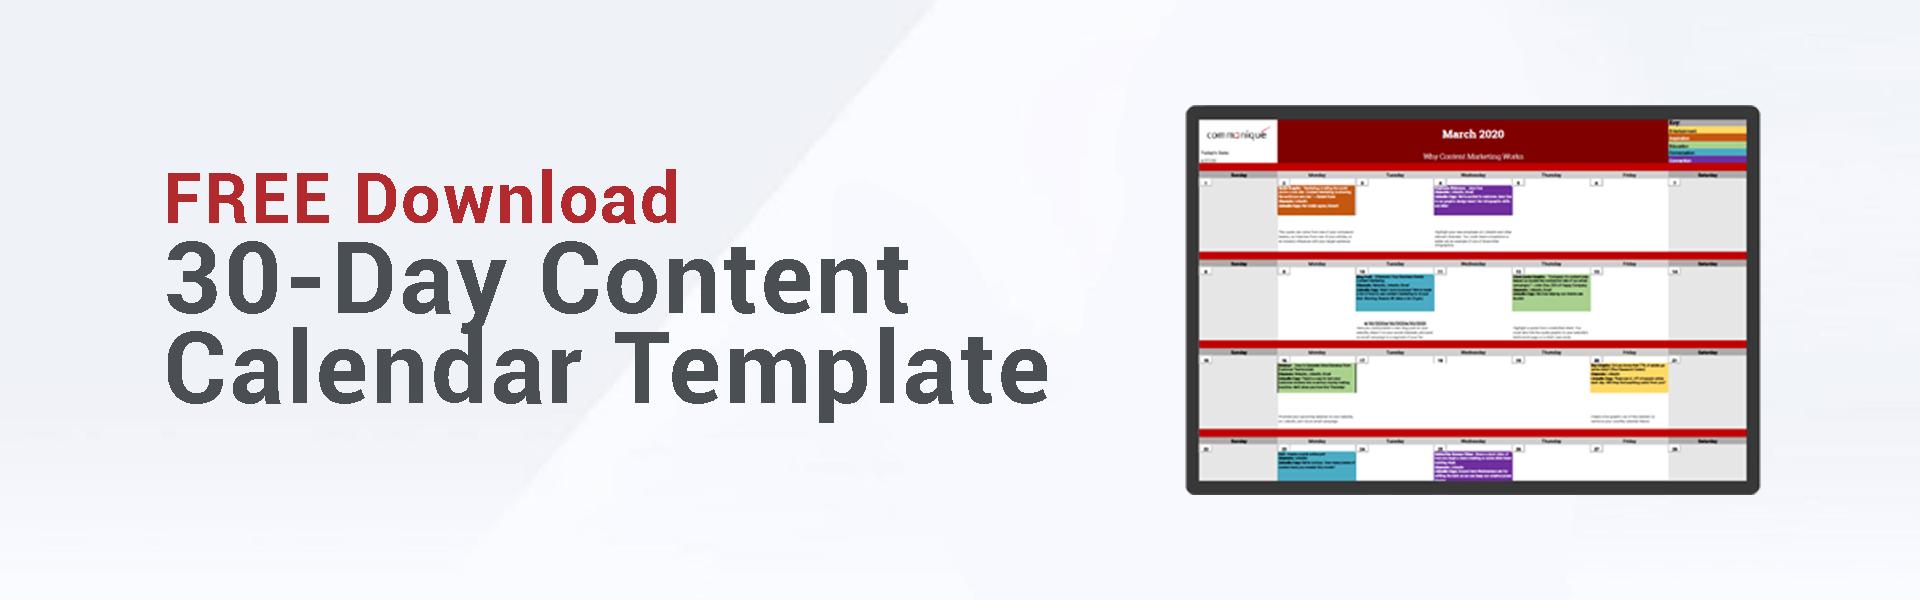 30-day Content calendar template